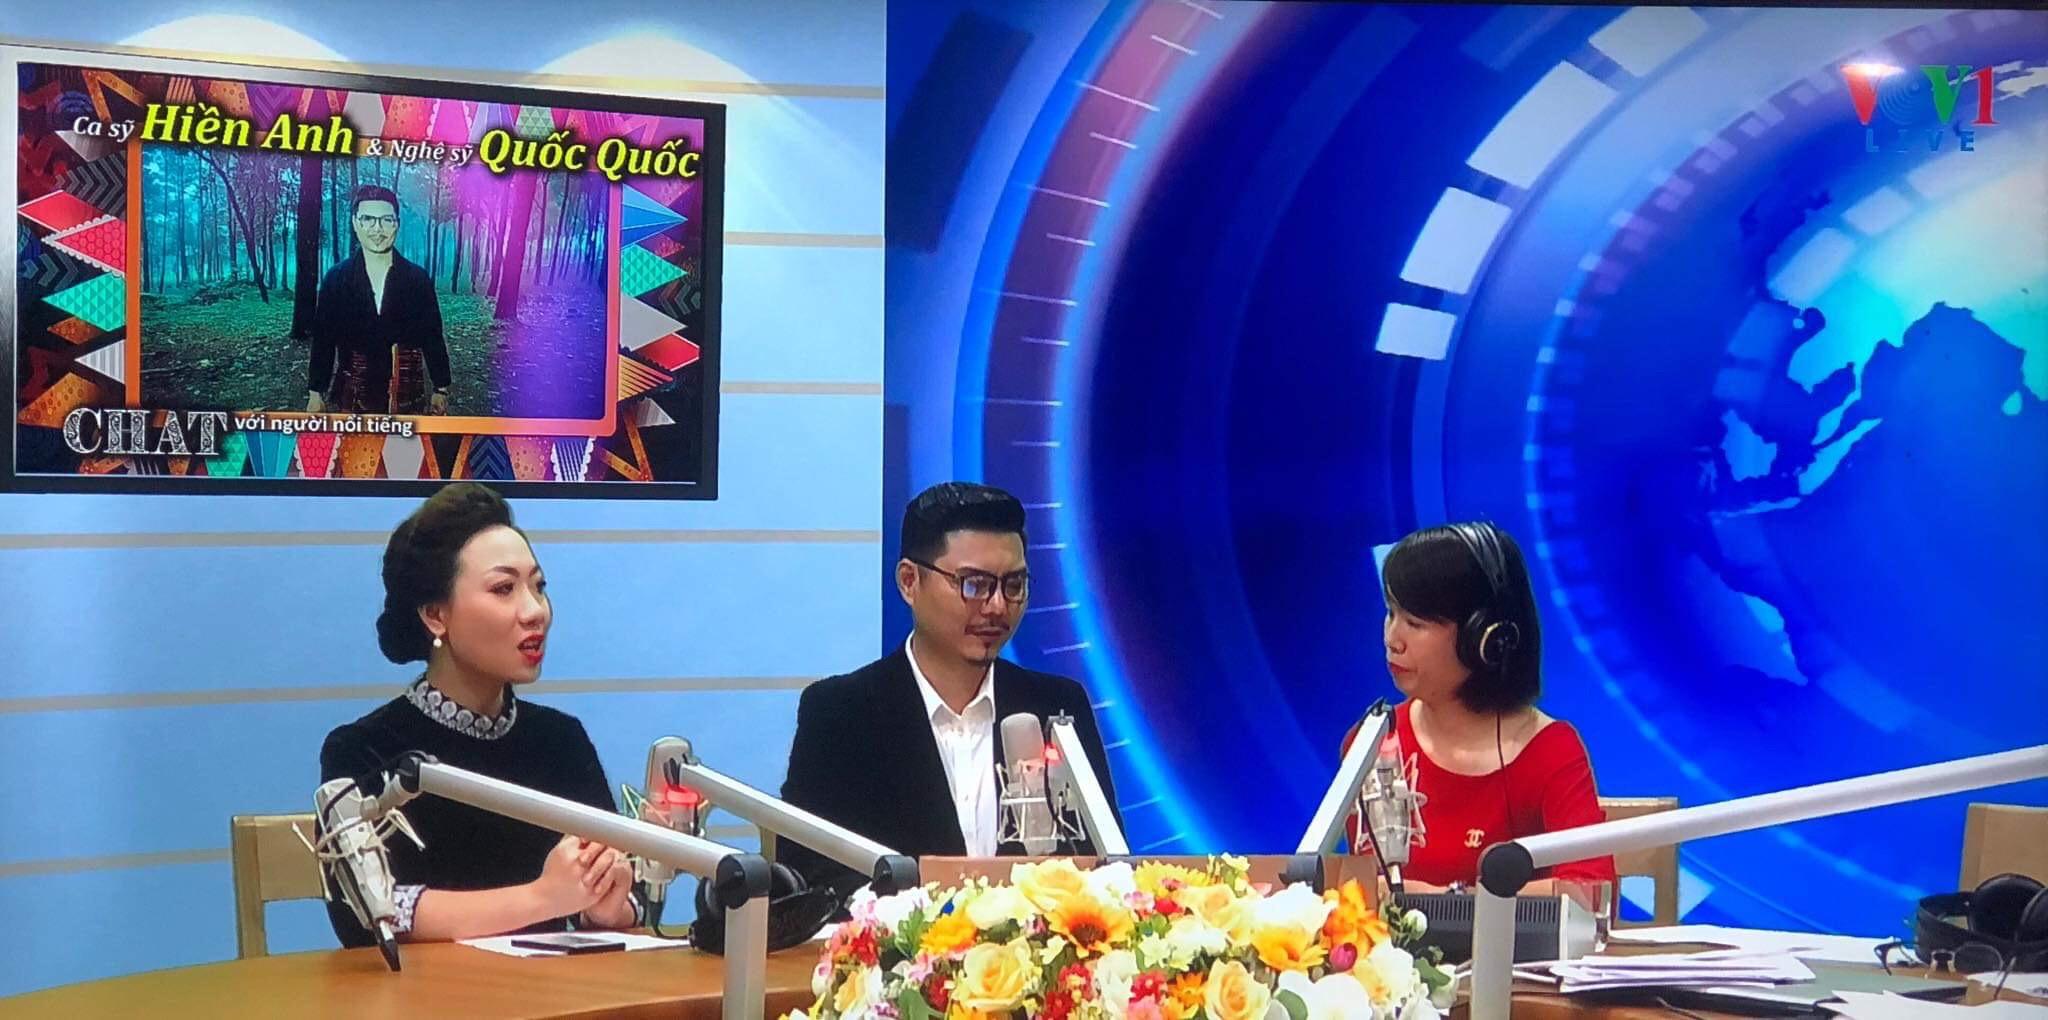 """Đi tìm """"Lời ru mặt trời"""" của ca sĩ Hiền Anh và Nghệ sĩ Quốc Quốc (12/1/2019)"""